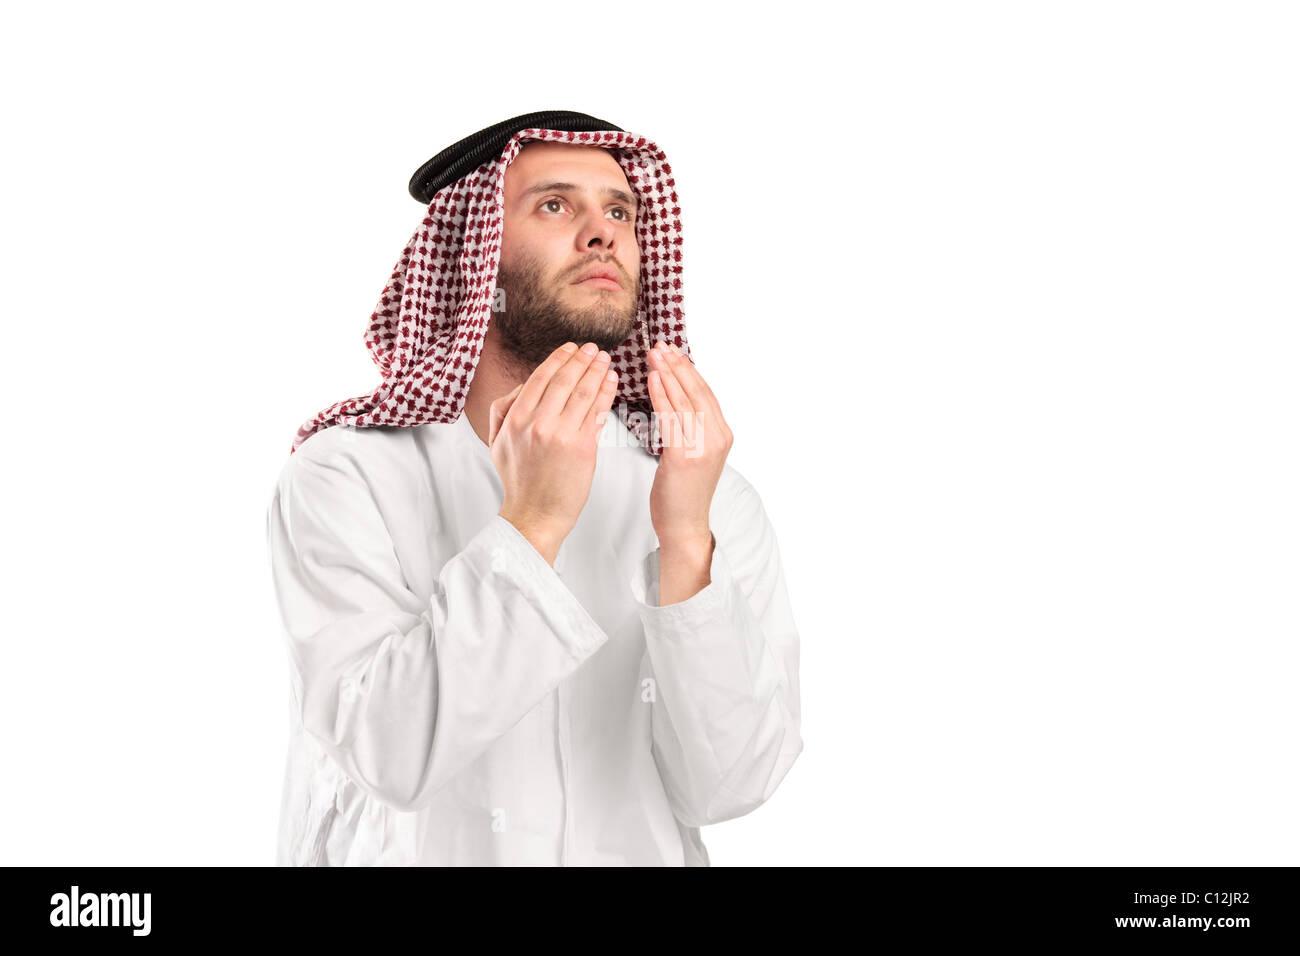 Young arab man of muslim religion praying - Stock Image